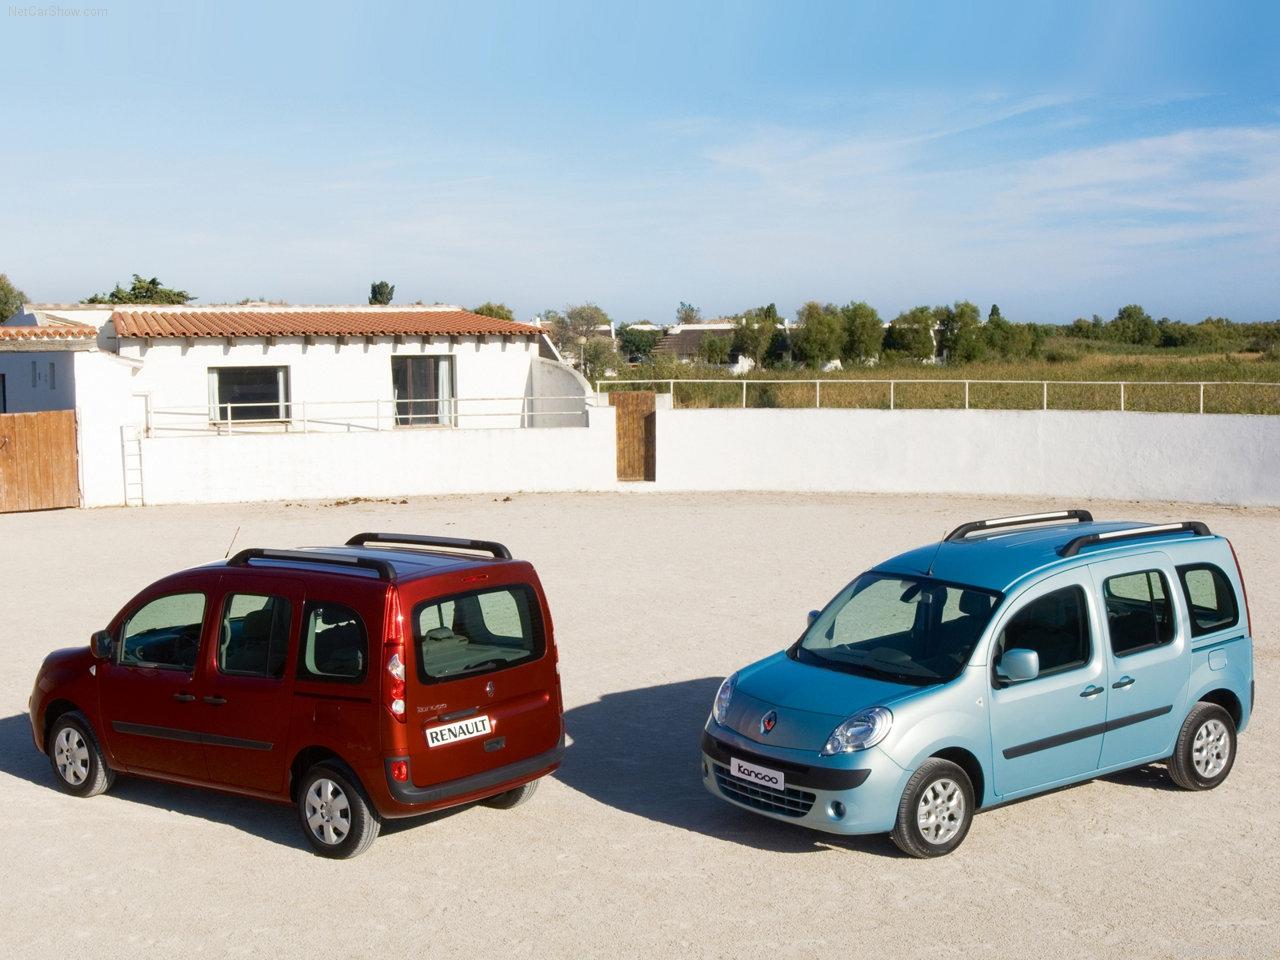 Видео с Renault Kangoo. Новые автомобили. См. также. еще фото.